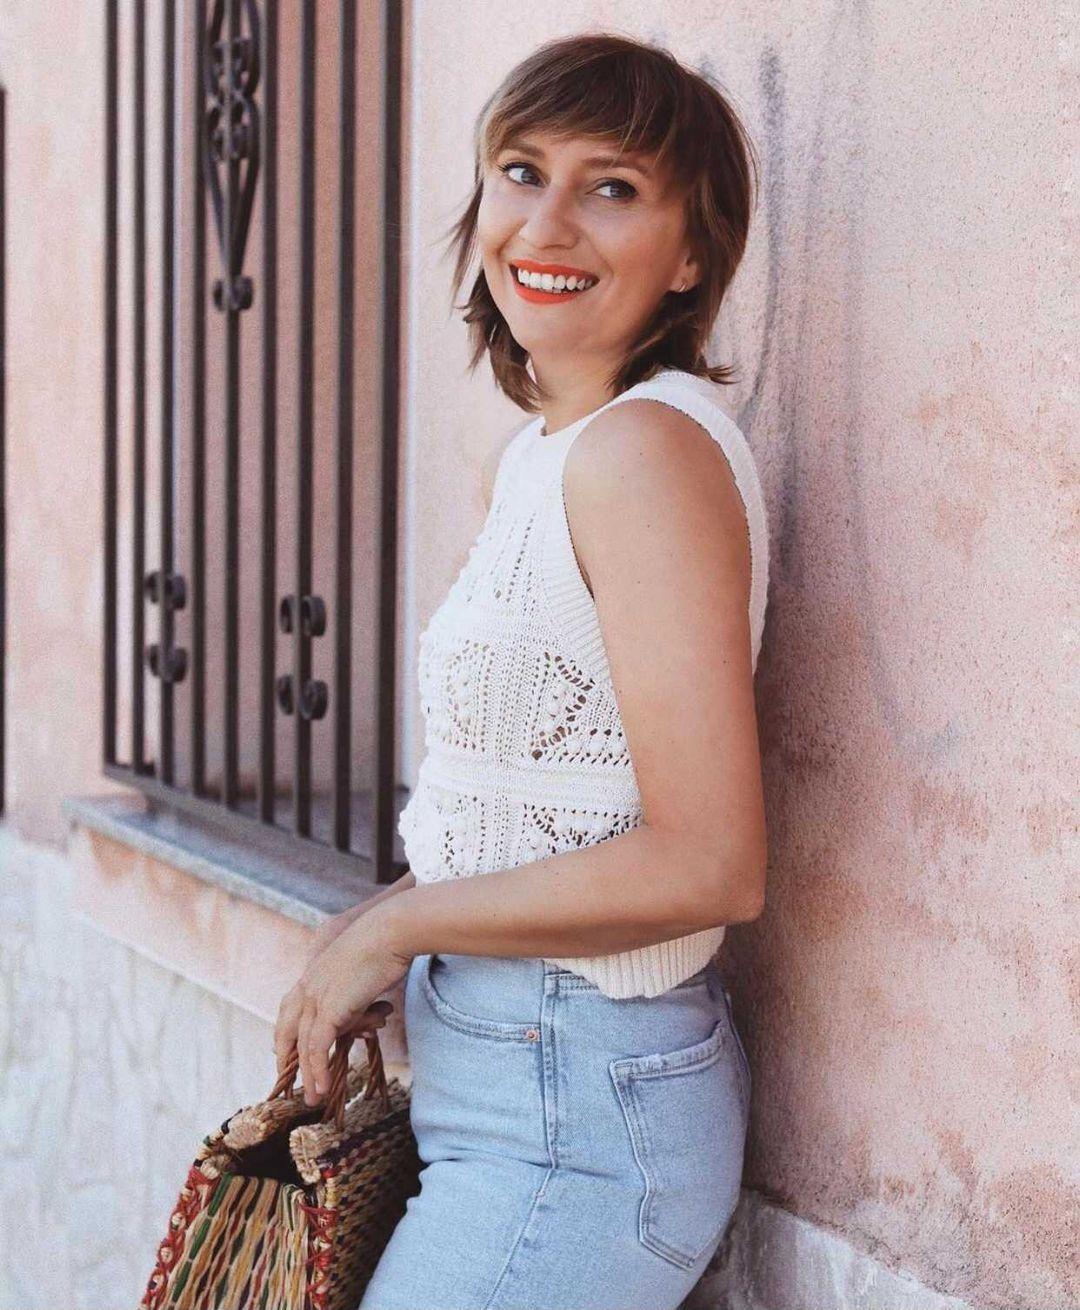 7 mujeres bercianas que triunfan como 'influencers' en Instagram 2